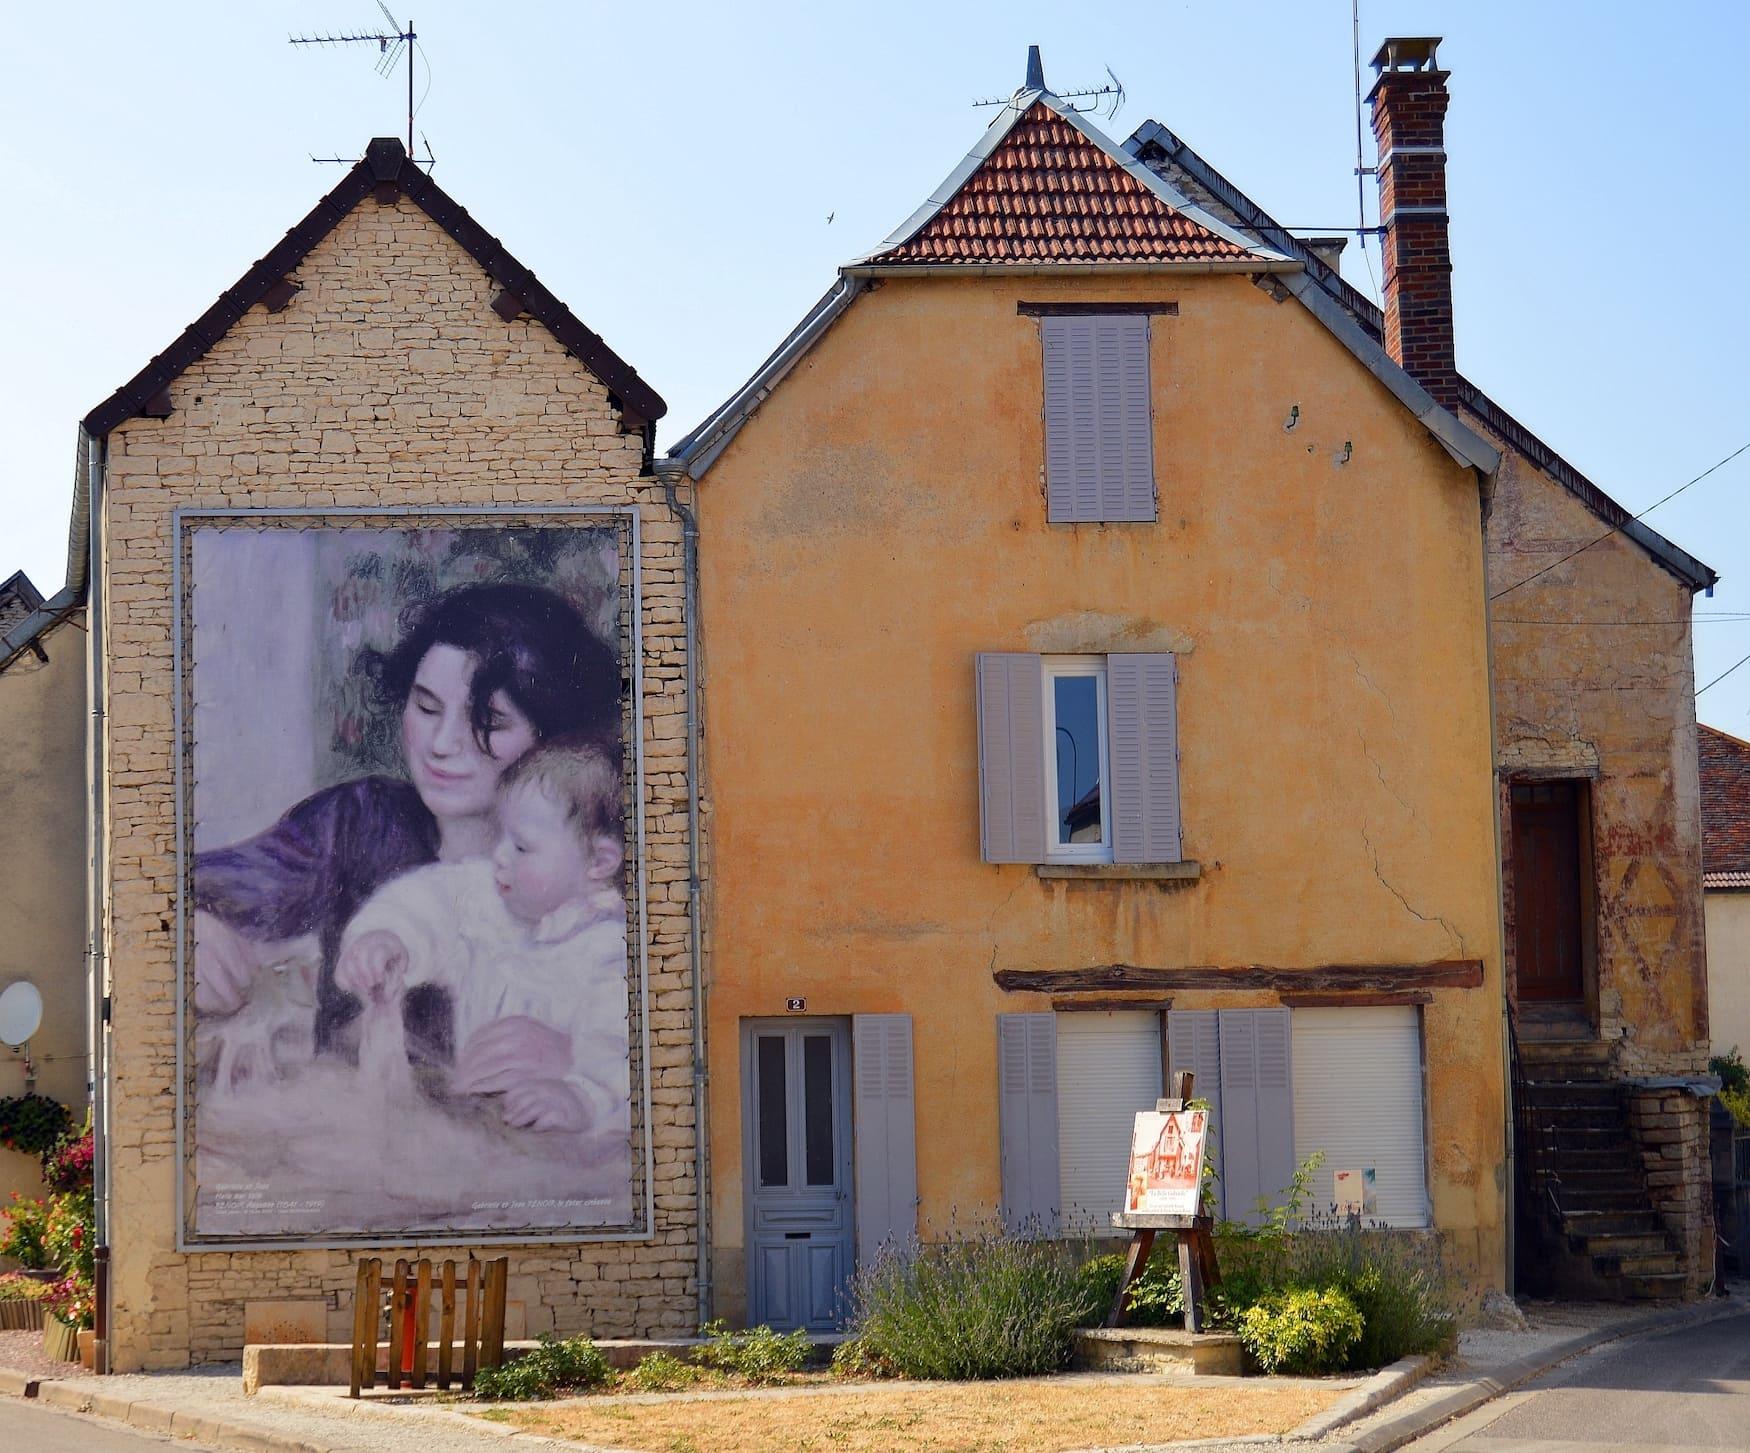 Bild von einer Straße in Essoyes in Frankreich, wo große Reproduktionen des berühmten Malers Renoir das Straßenbild schmücken.